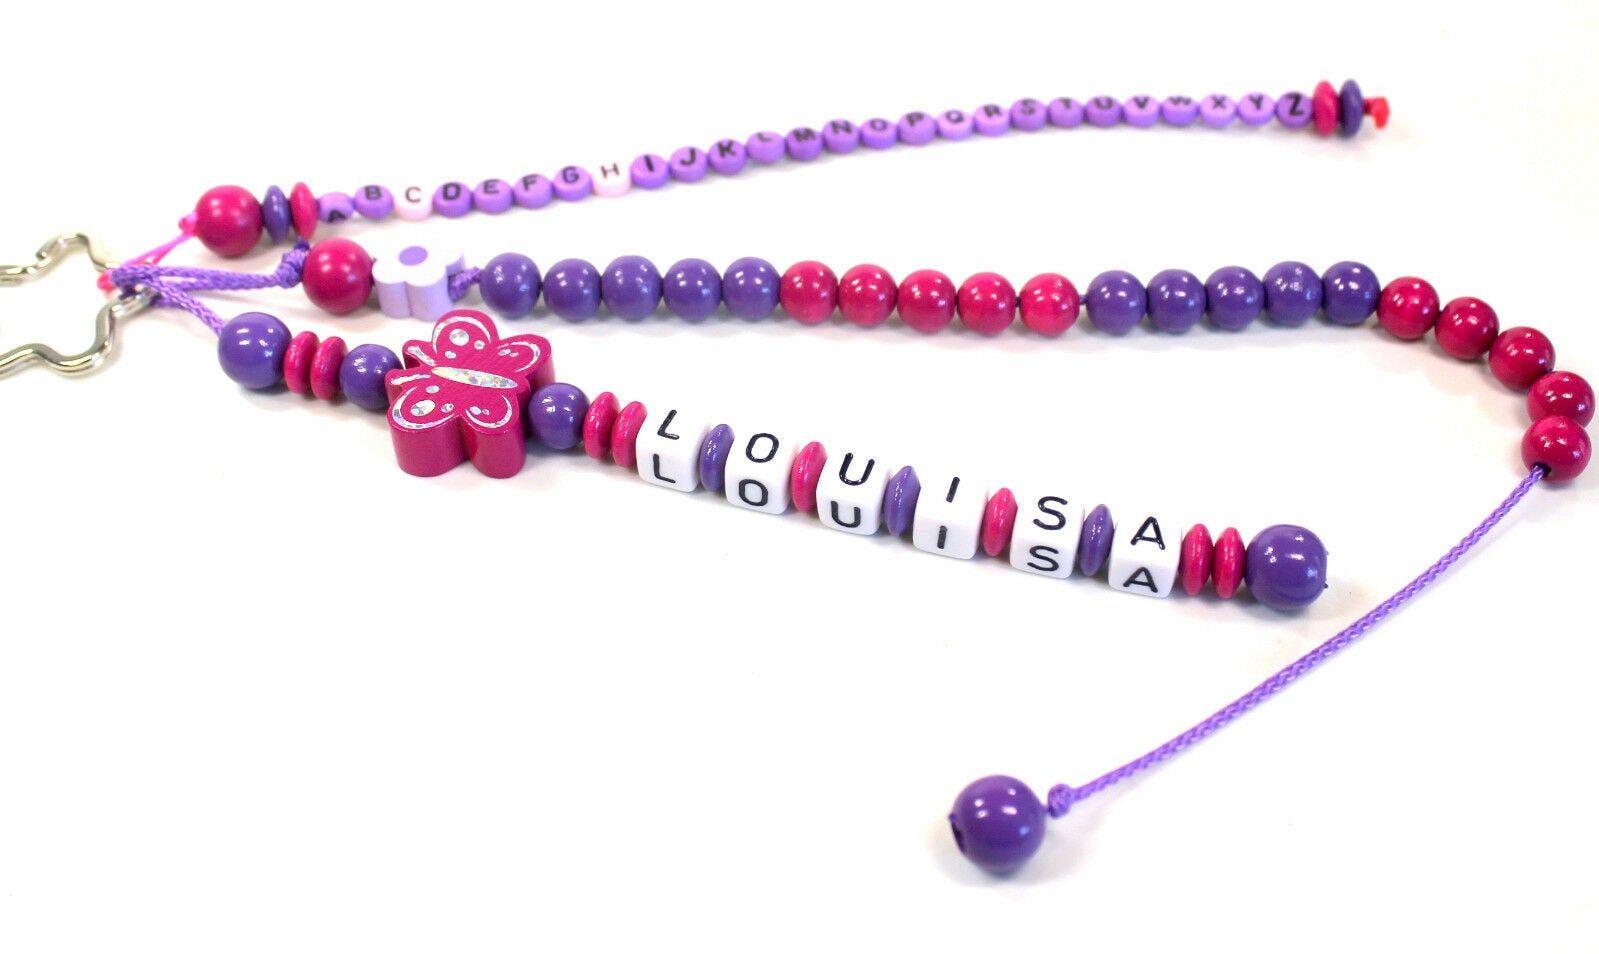 Rechenkette Schulkind mit Namen ABC Schulanfang dunkellila pink